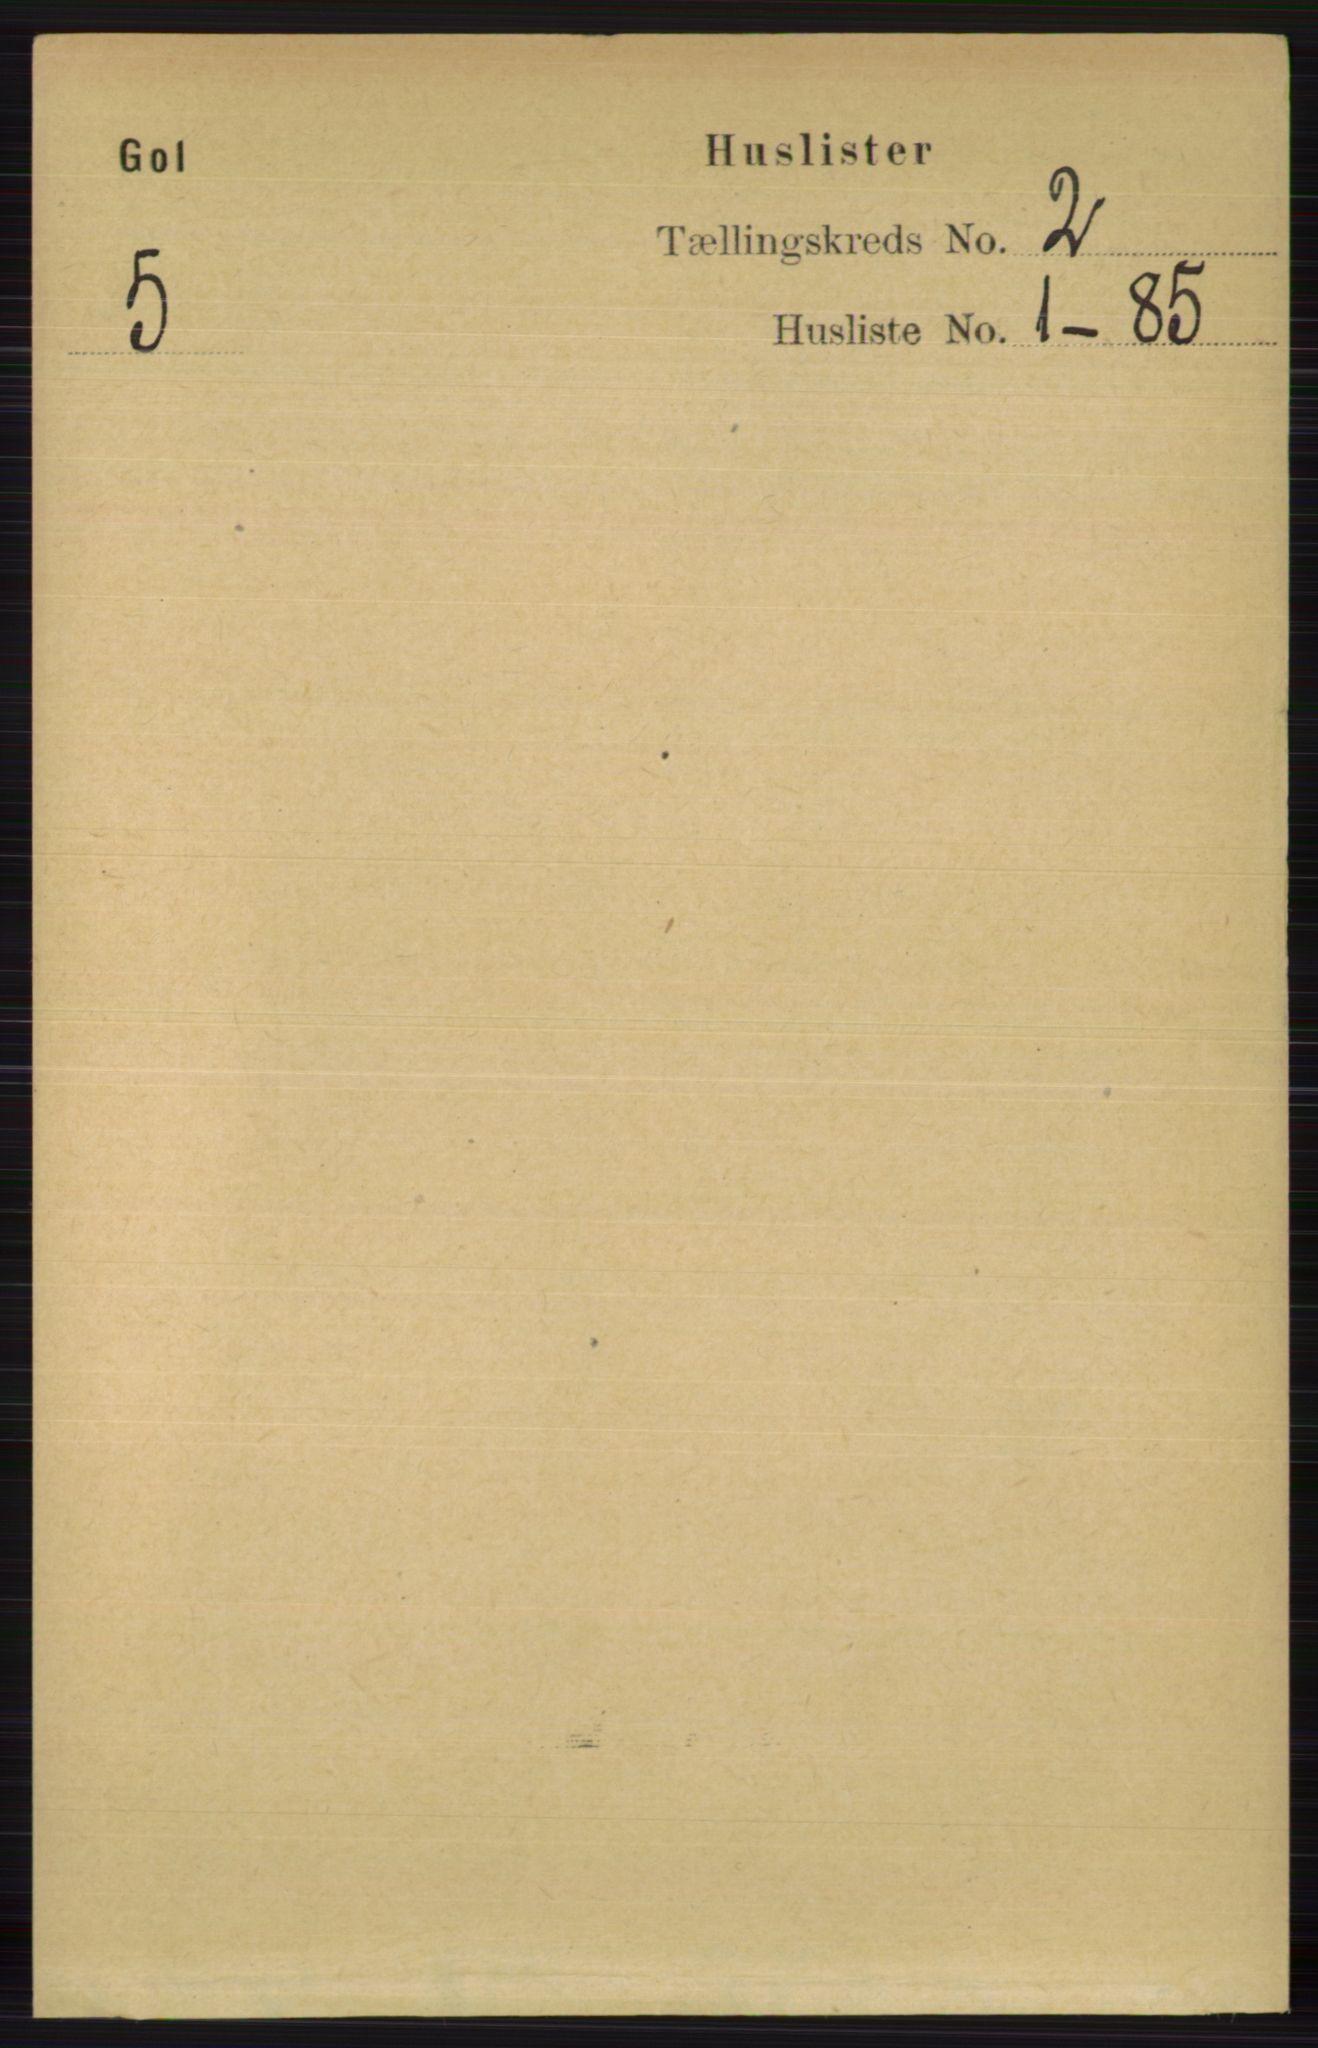 RA, Folketelling 1891 for 0617 Gol og Hemsedal herred, 1891, s. 624